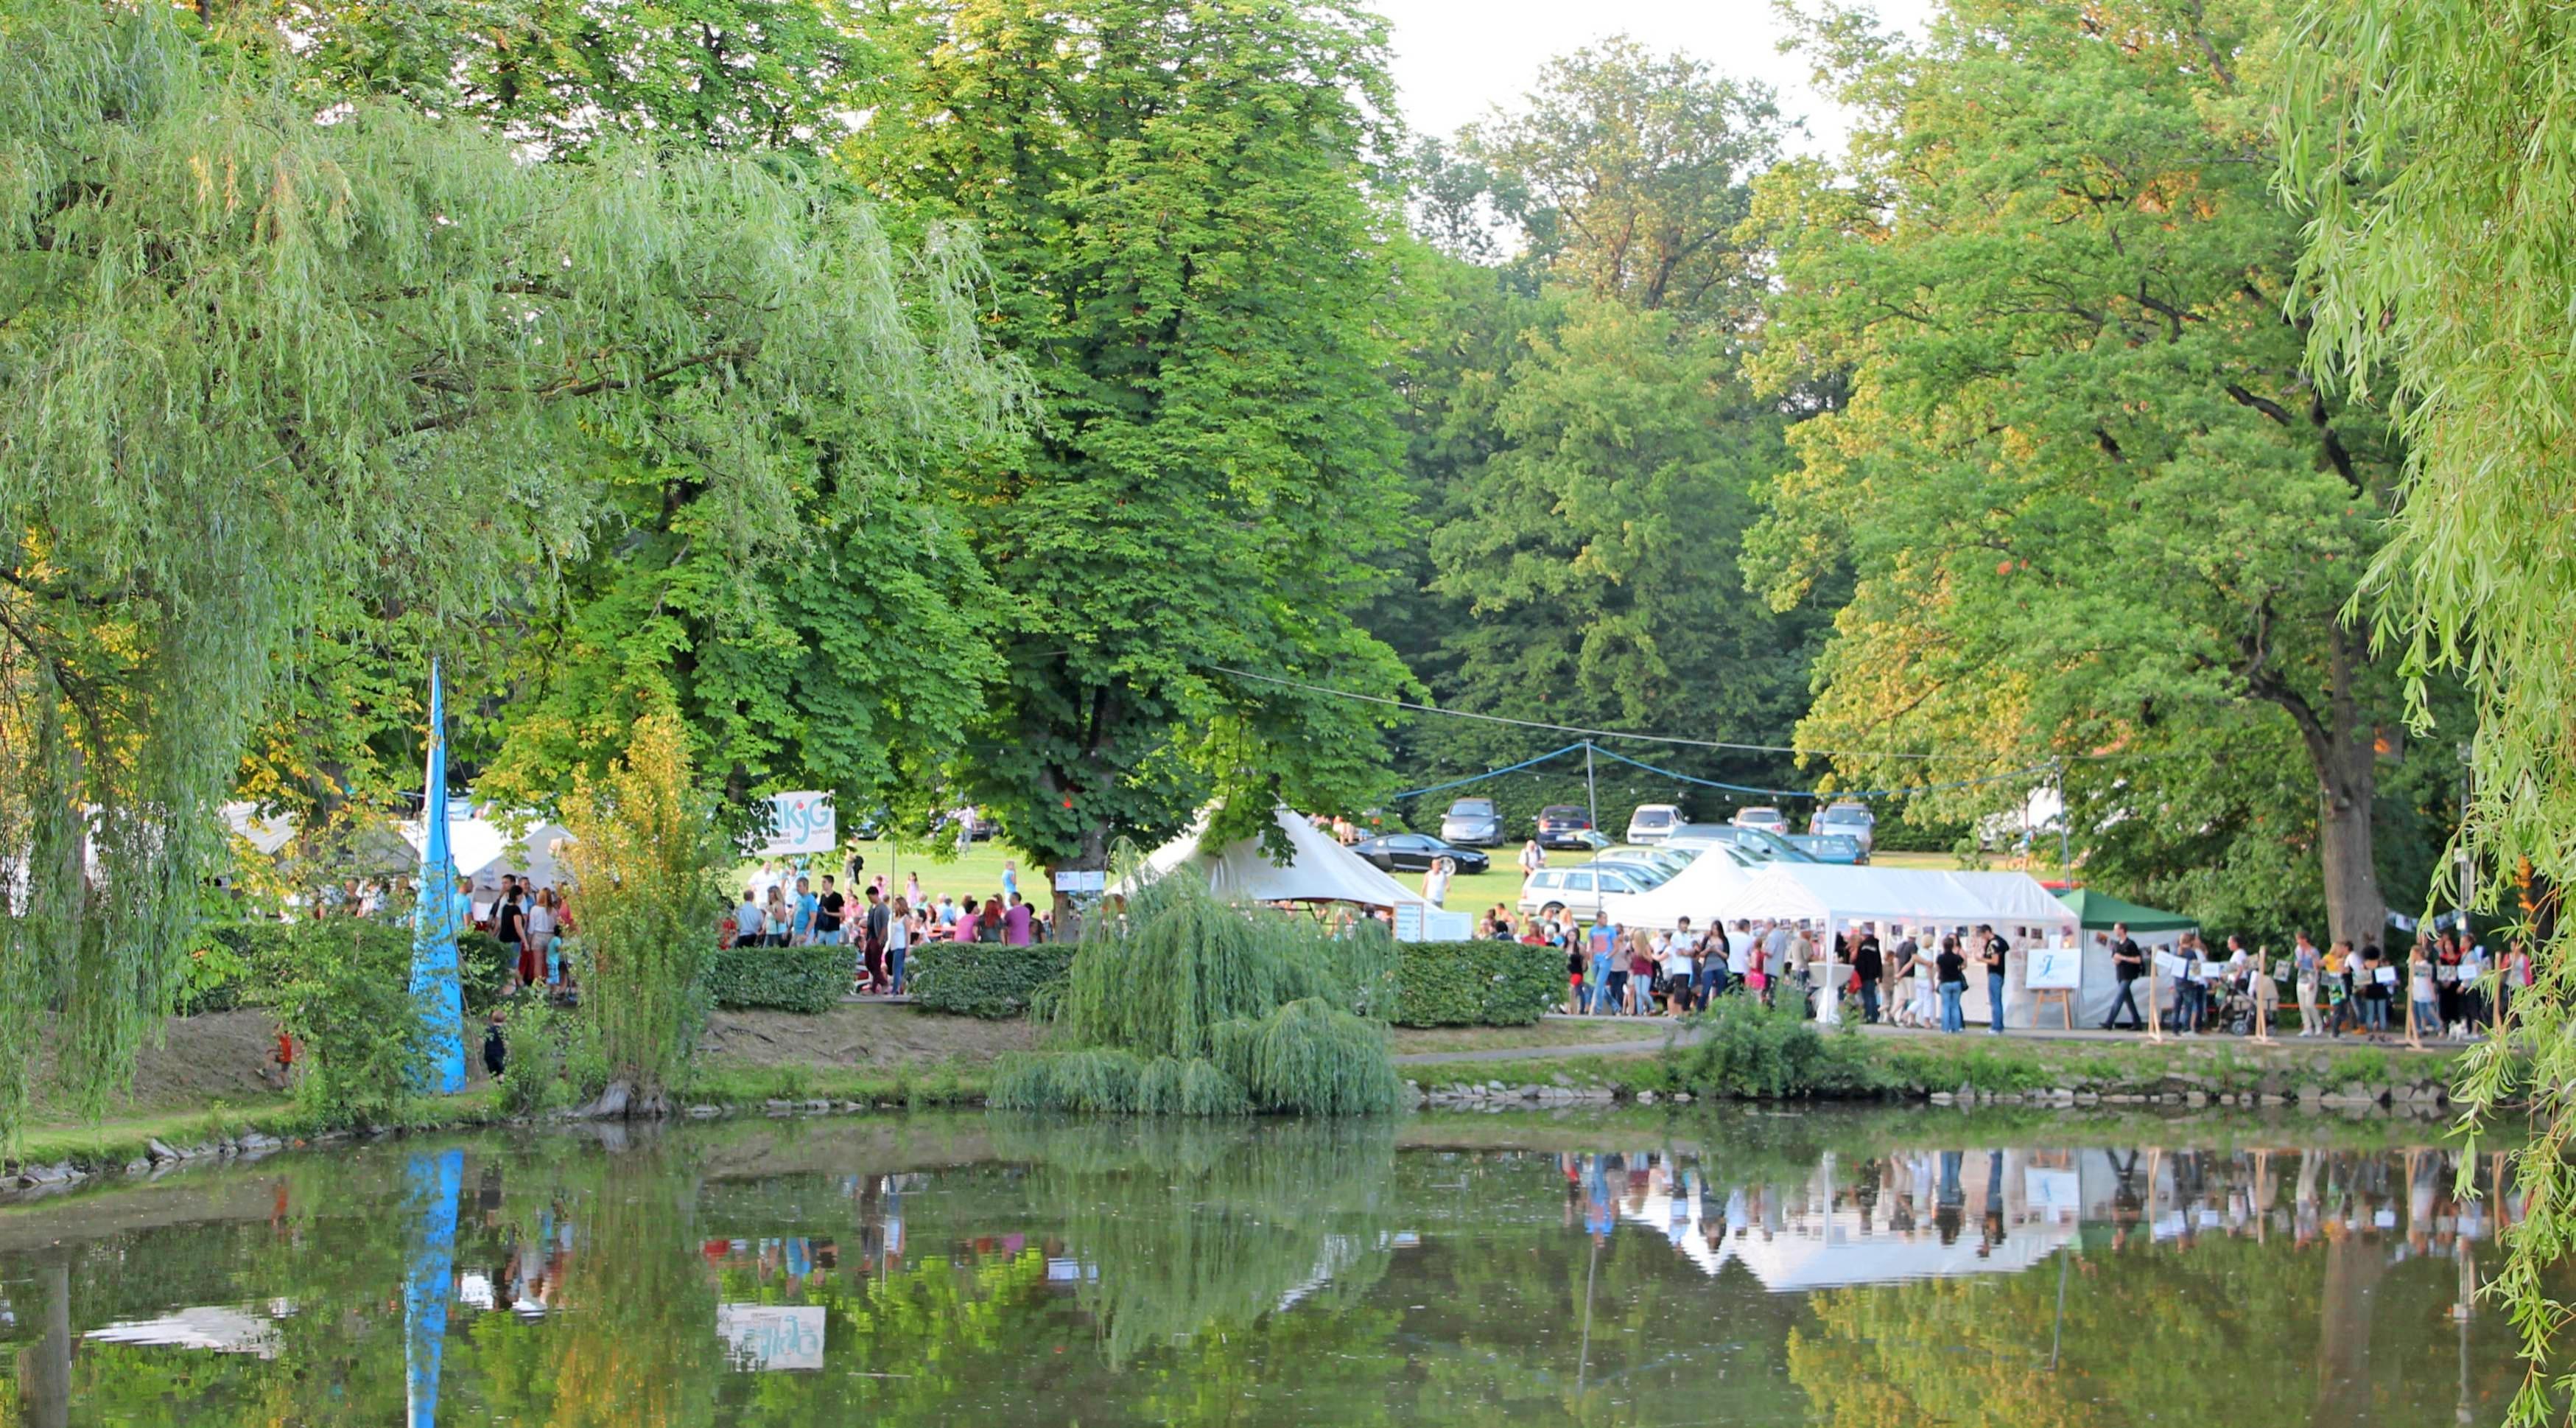 Das Schacht-See-Fest lädt zum Mitmachen und Musik hören, Flanieren und Genießen ein. Das Gelände macht einen großen Teil des Charmes dieser Veranstaltung aus. Foto: Archiv/privat